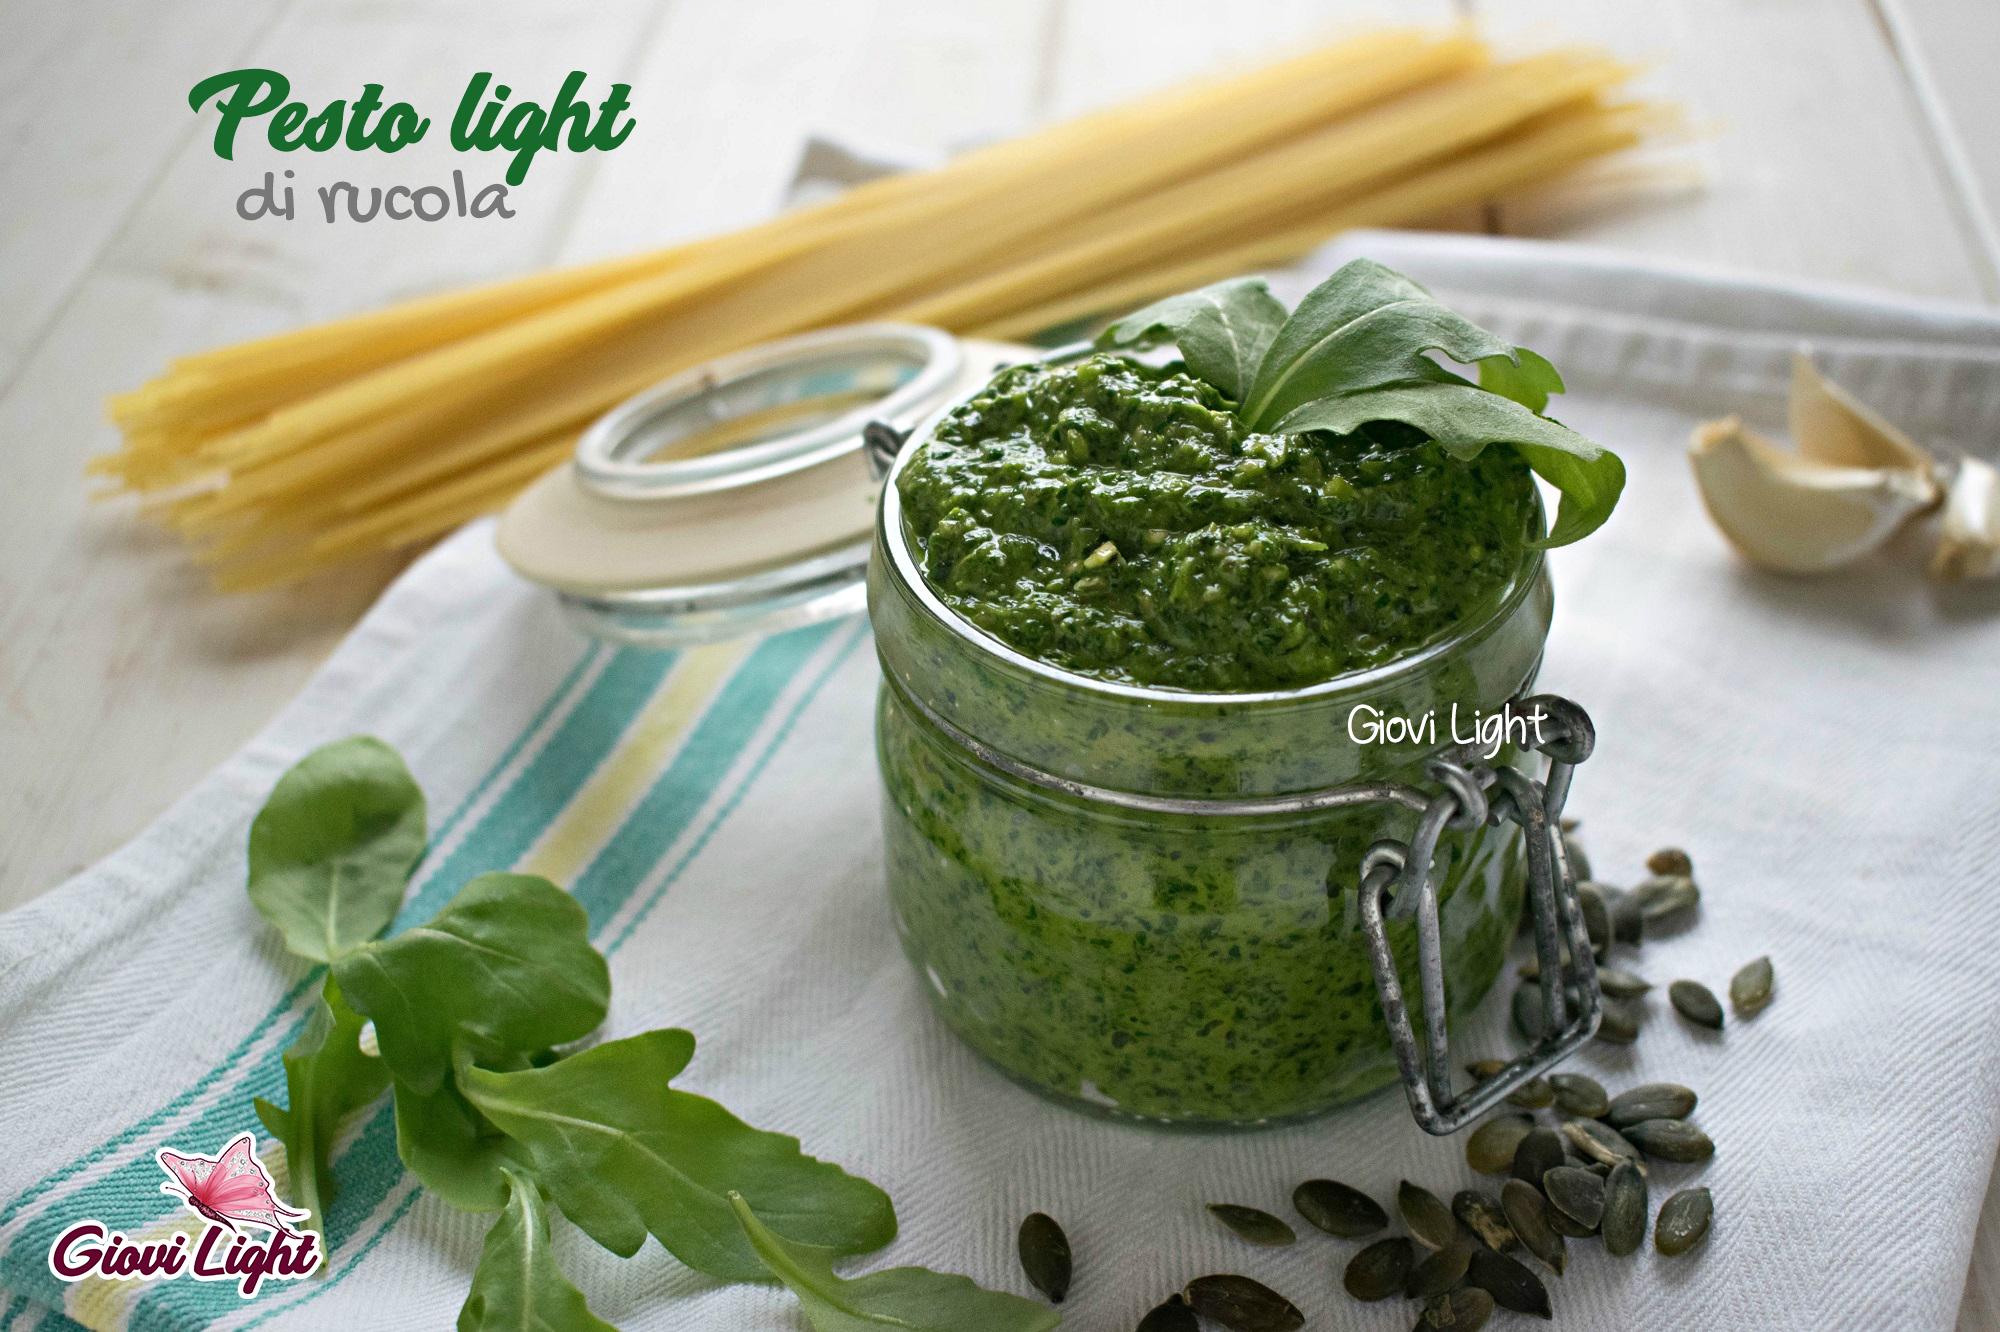 Ricetta Pesto Light.Pesto Light Di Rucola Con Il Bimby E Senza Giovi Light